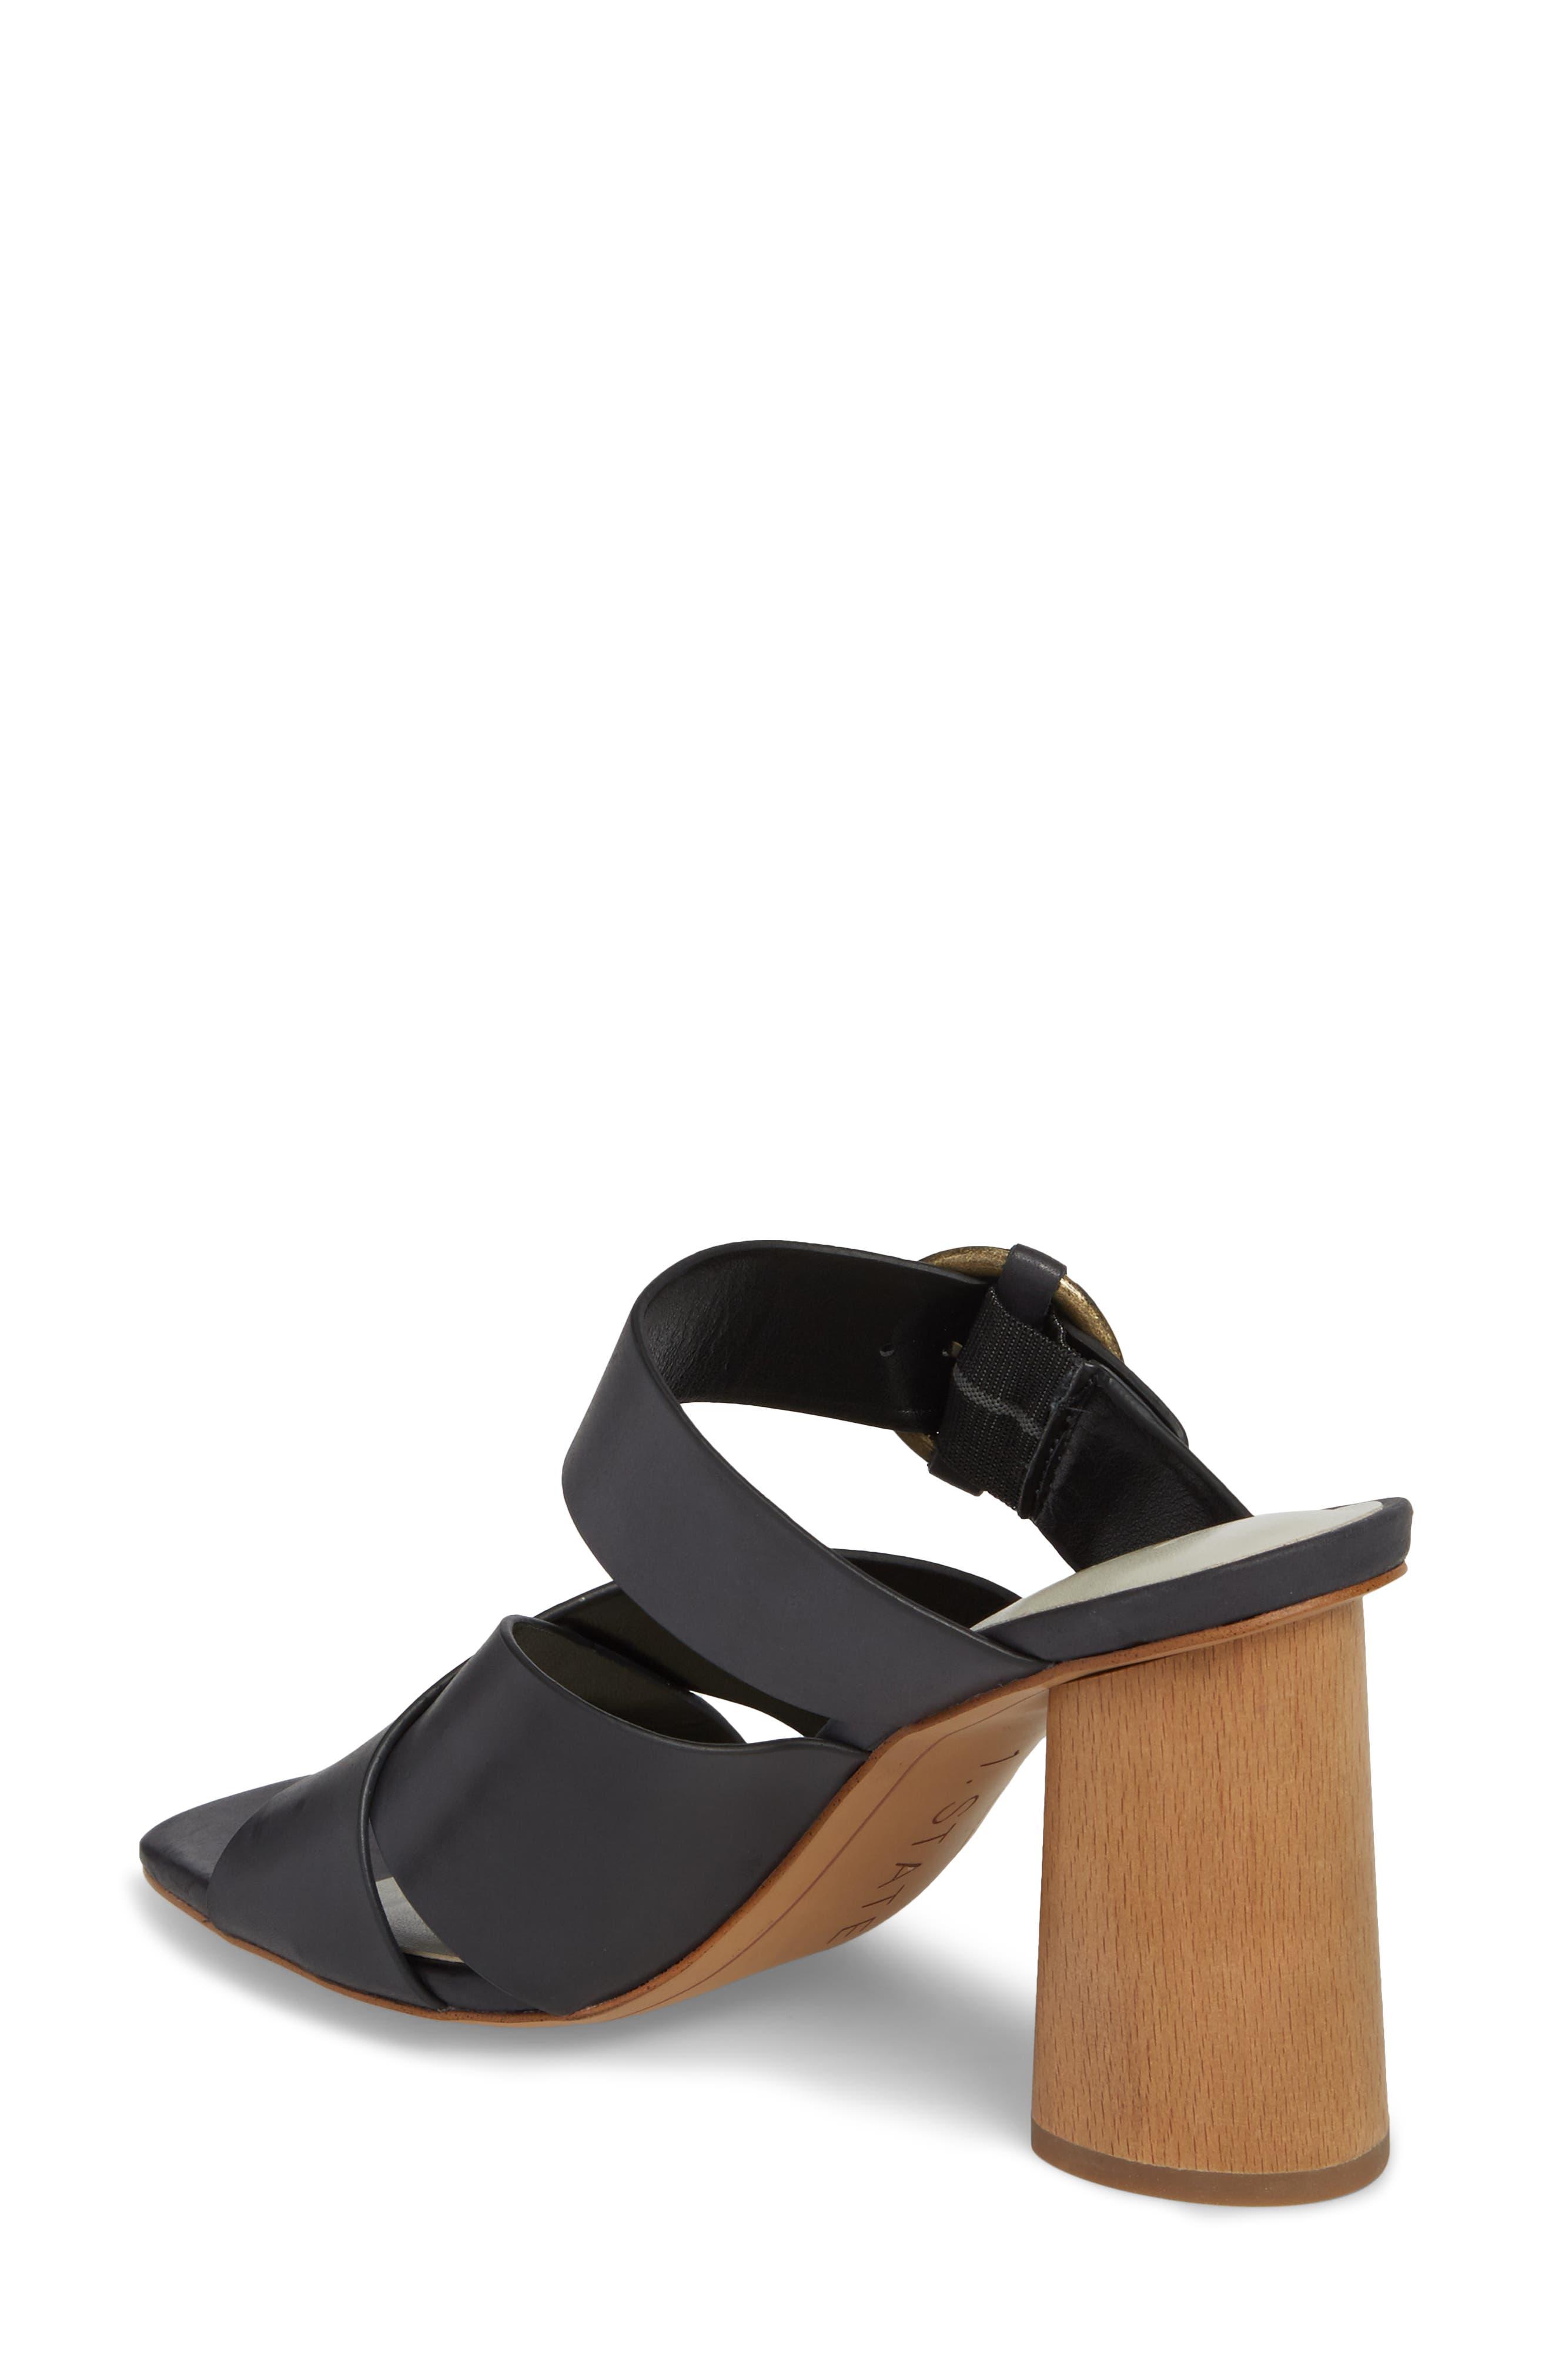 Icendra Flared Heel Mule Sandal,                             Alternate thumbnail 2, color,                             BLACK LEATHER